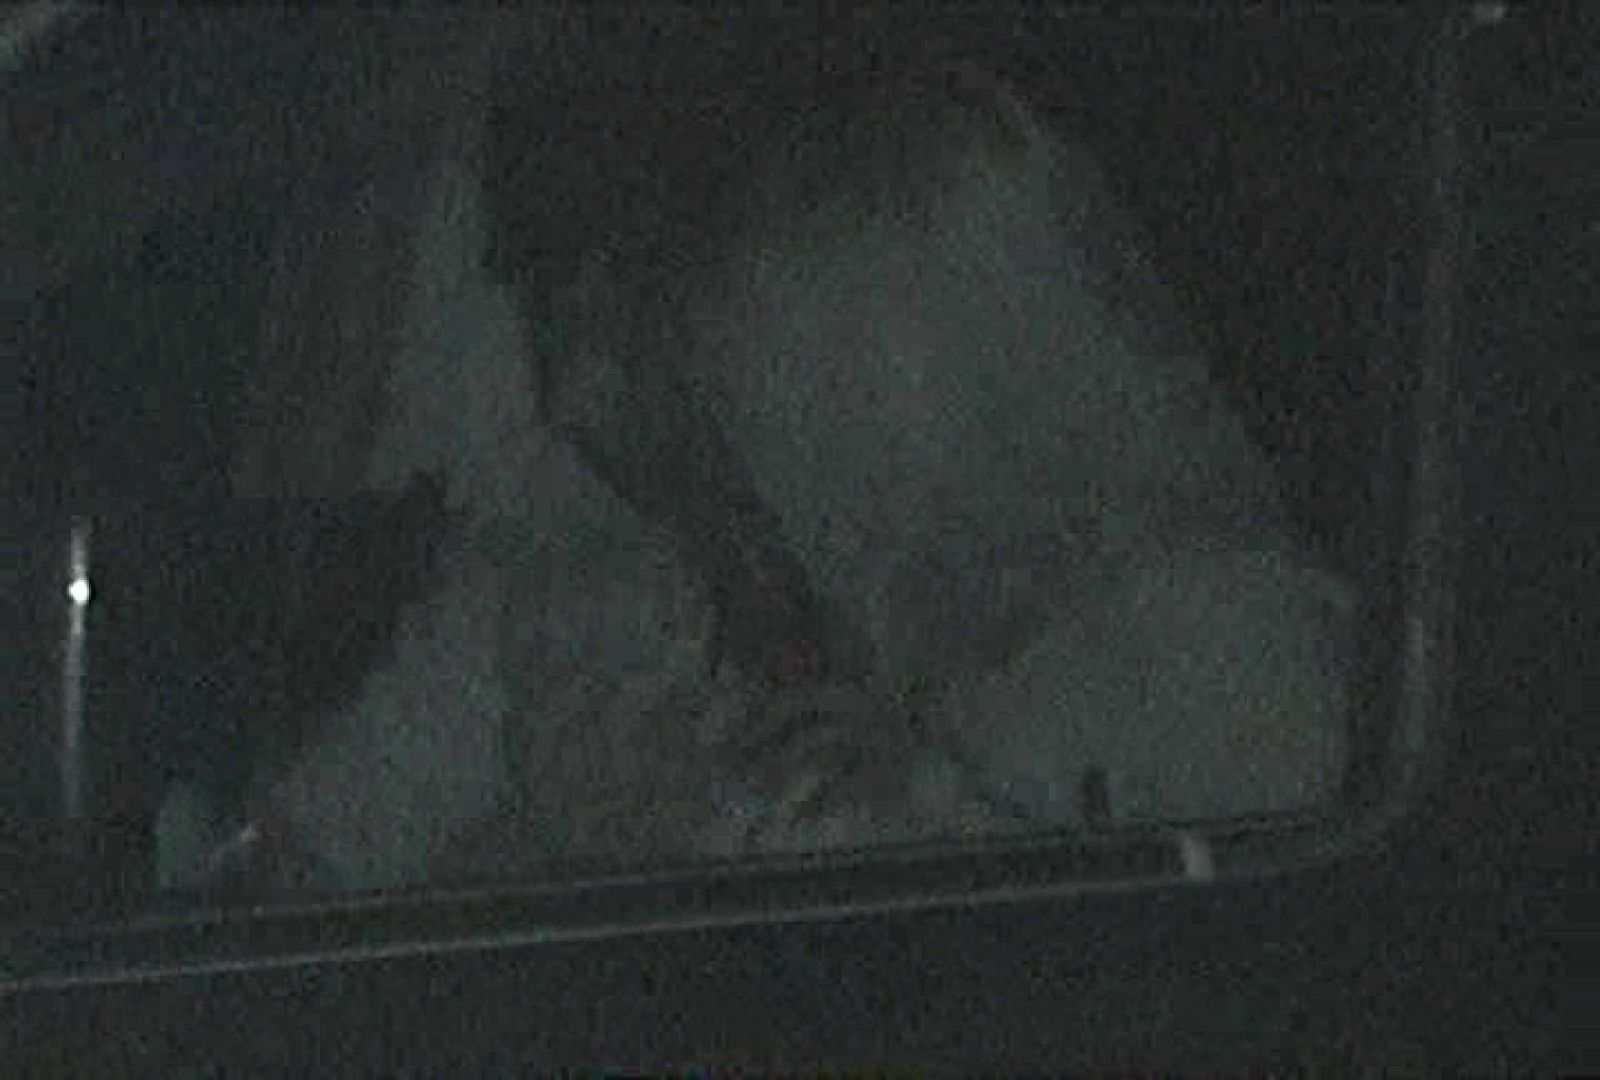 充血監督の深夜の運動会Vol.96 エロティックなOL オマンコ動画キャプチャ 106画像 52